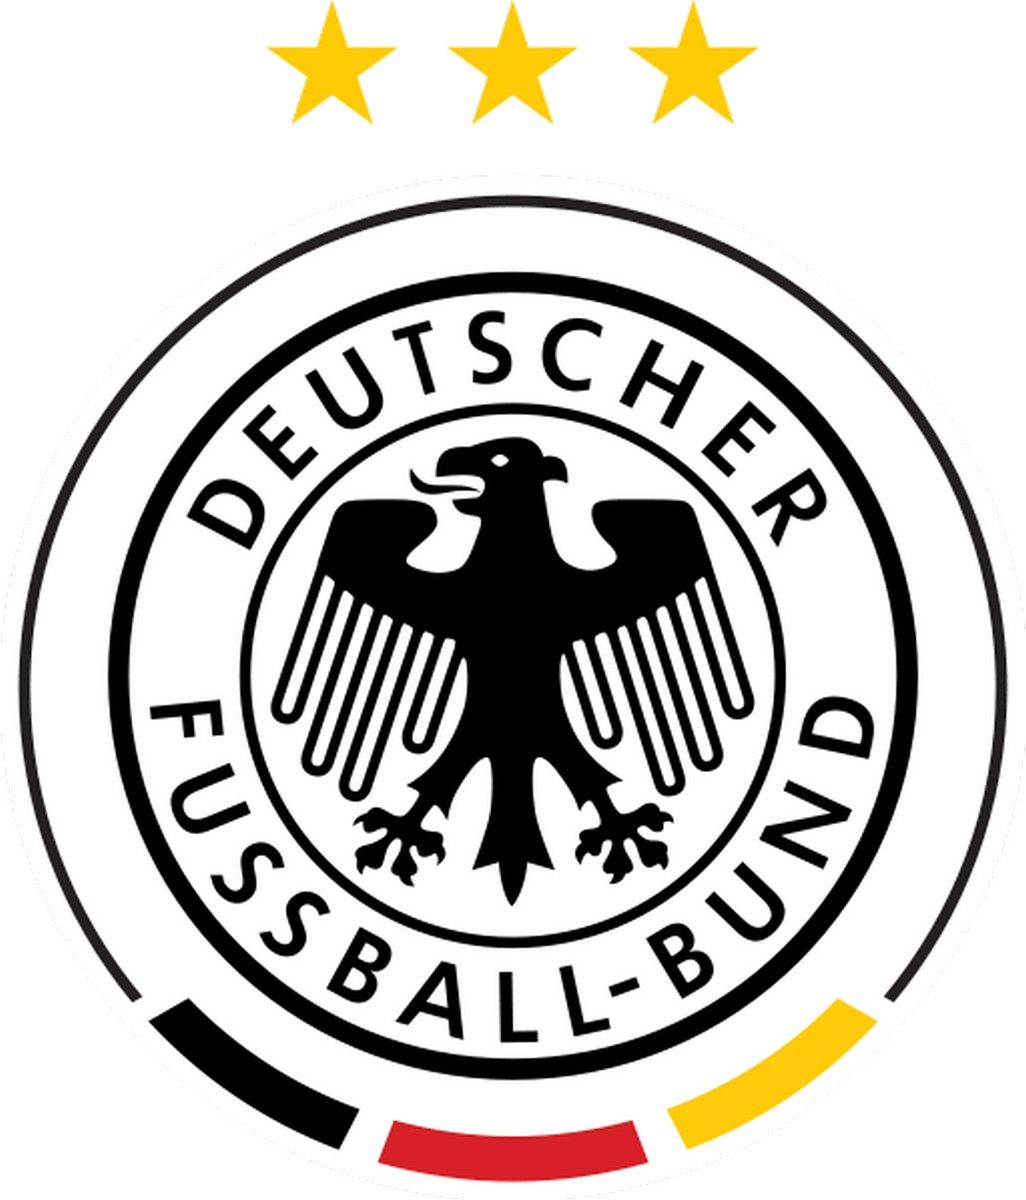 Germany Football Badge Jpg 1 026 1 200 Pixels Germany National Football Team Germany Football Germany Football Team